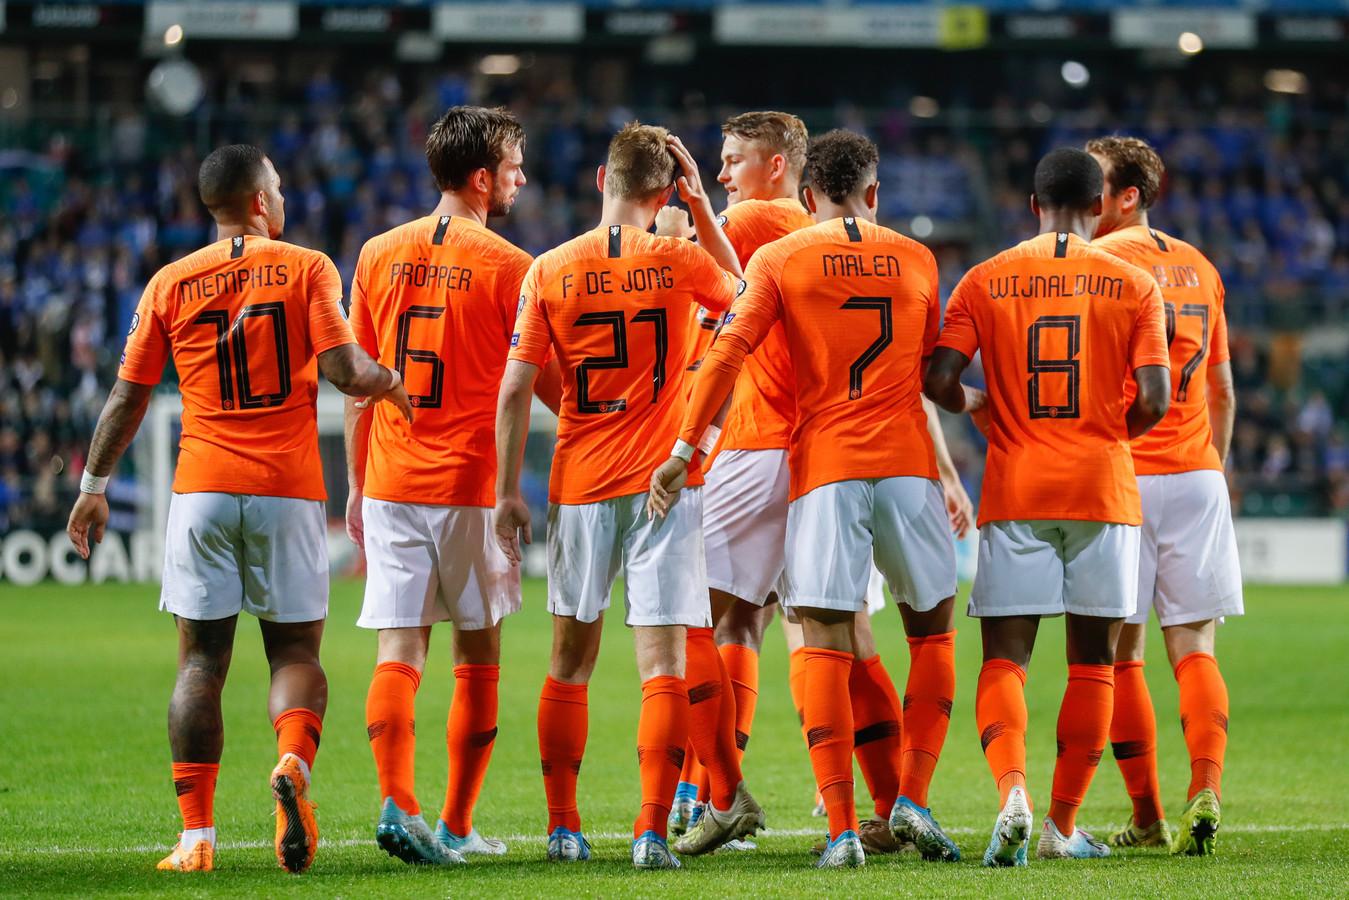 Oranje deed afgelopen week goede zaken met zeges op Duitsland (2-4) en Estland (0-4).